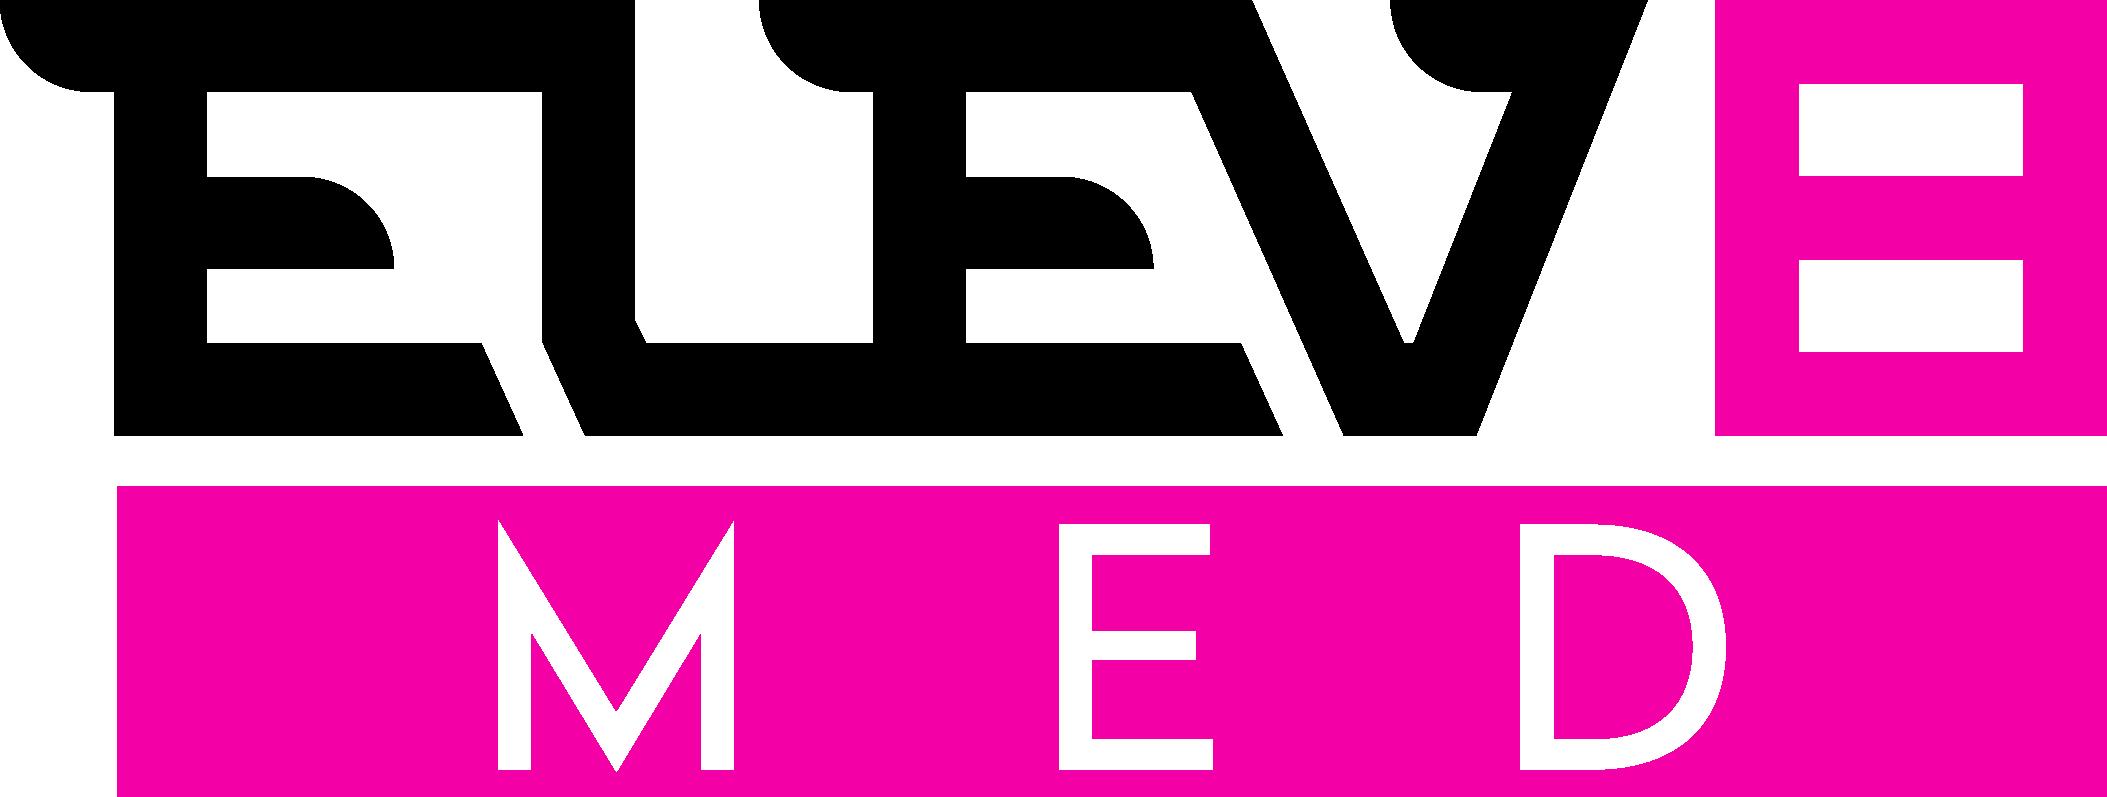 Elev8 Med